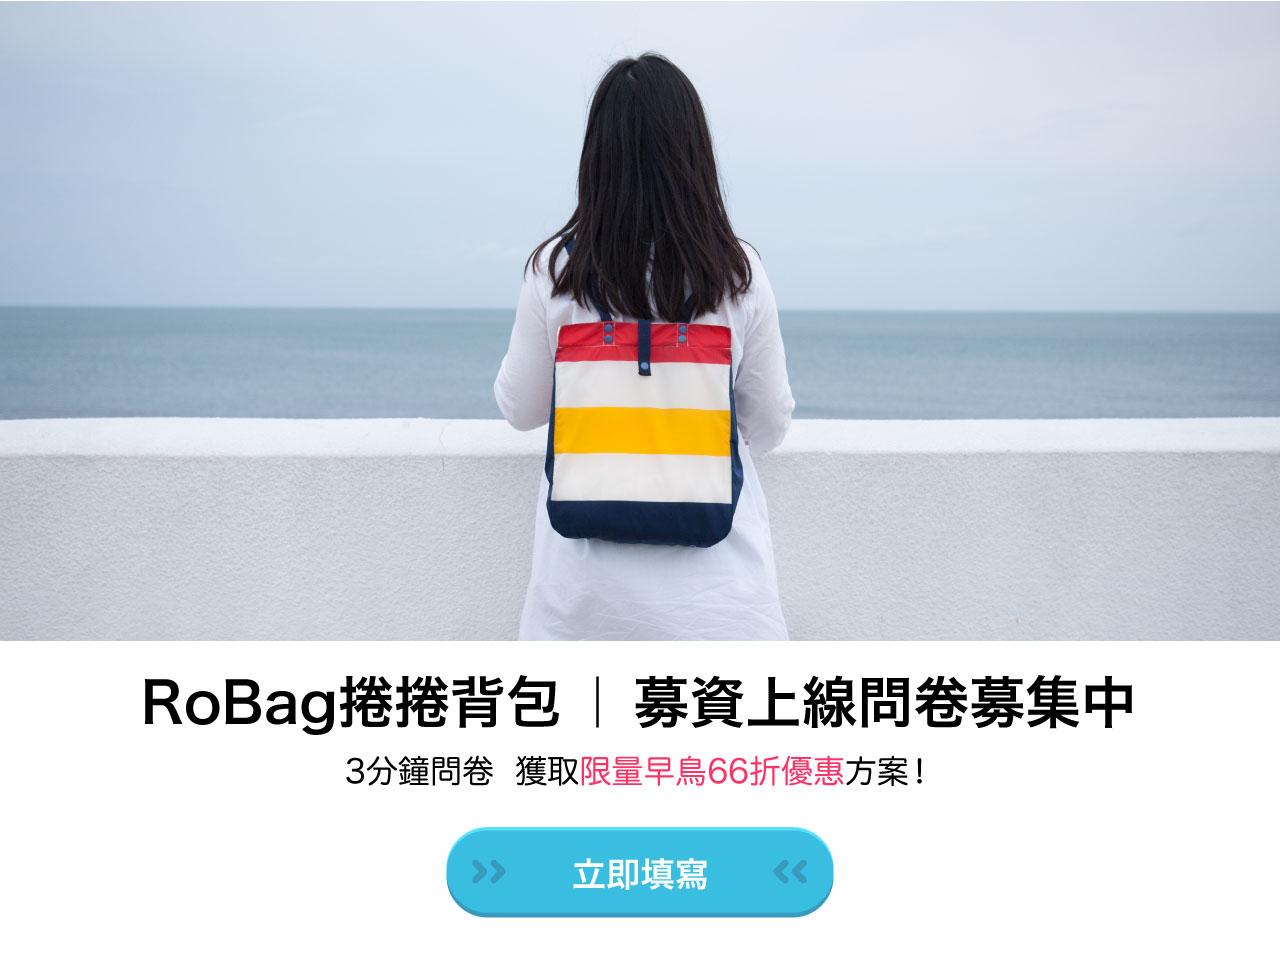 RoBag捲捲背包-募資上線問卷募集中